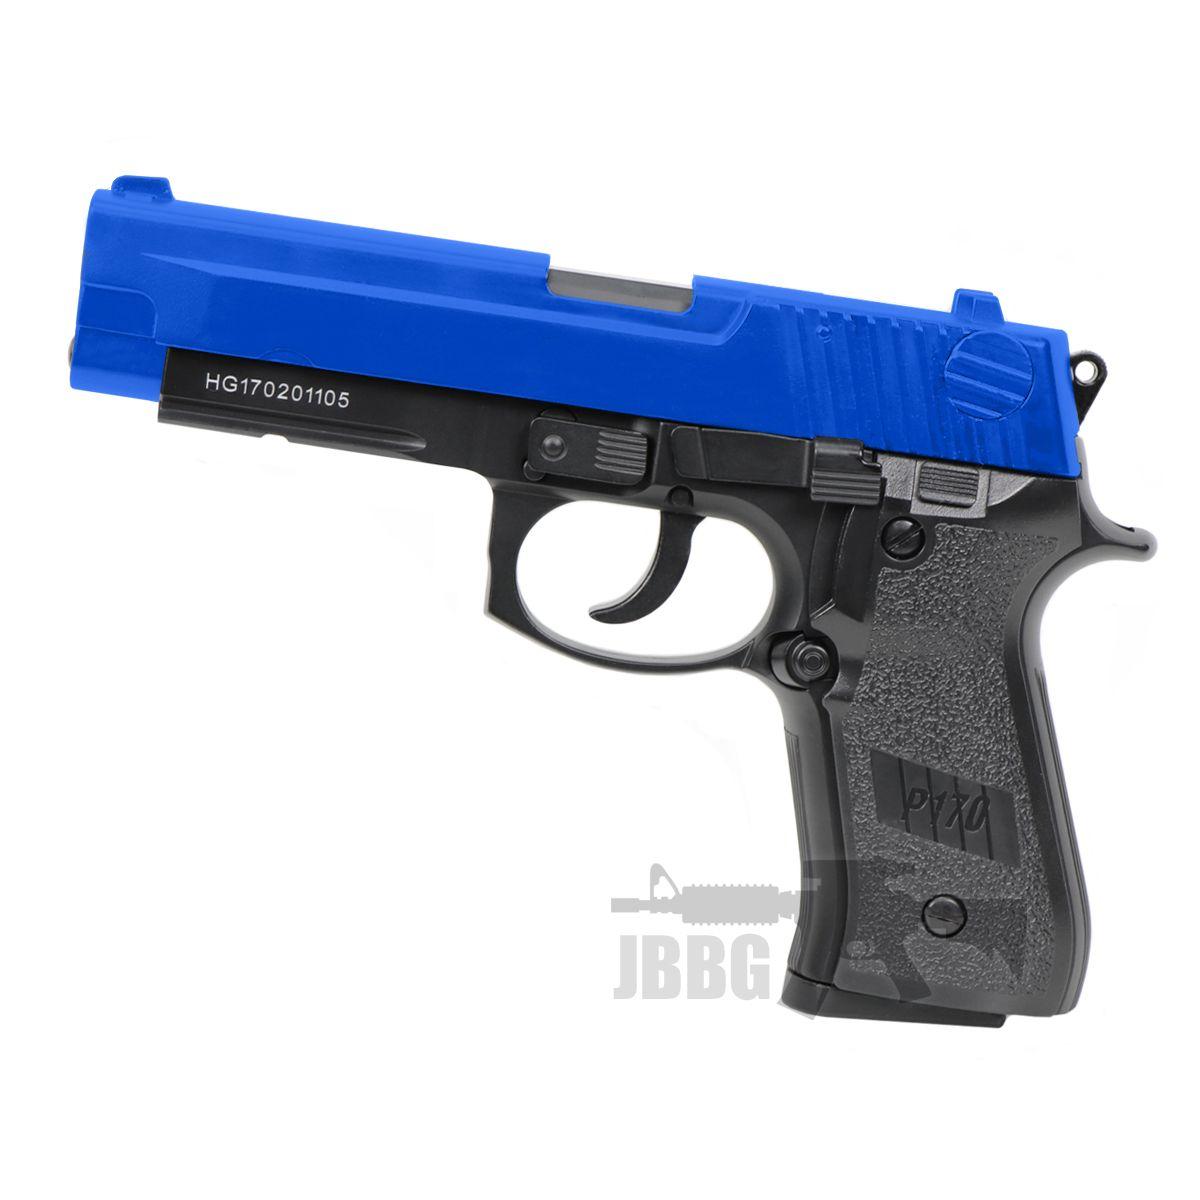 hg170 pistol airsoft gun blue 1